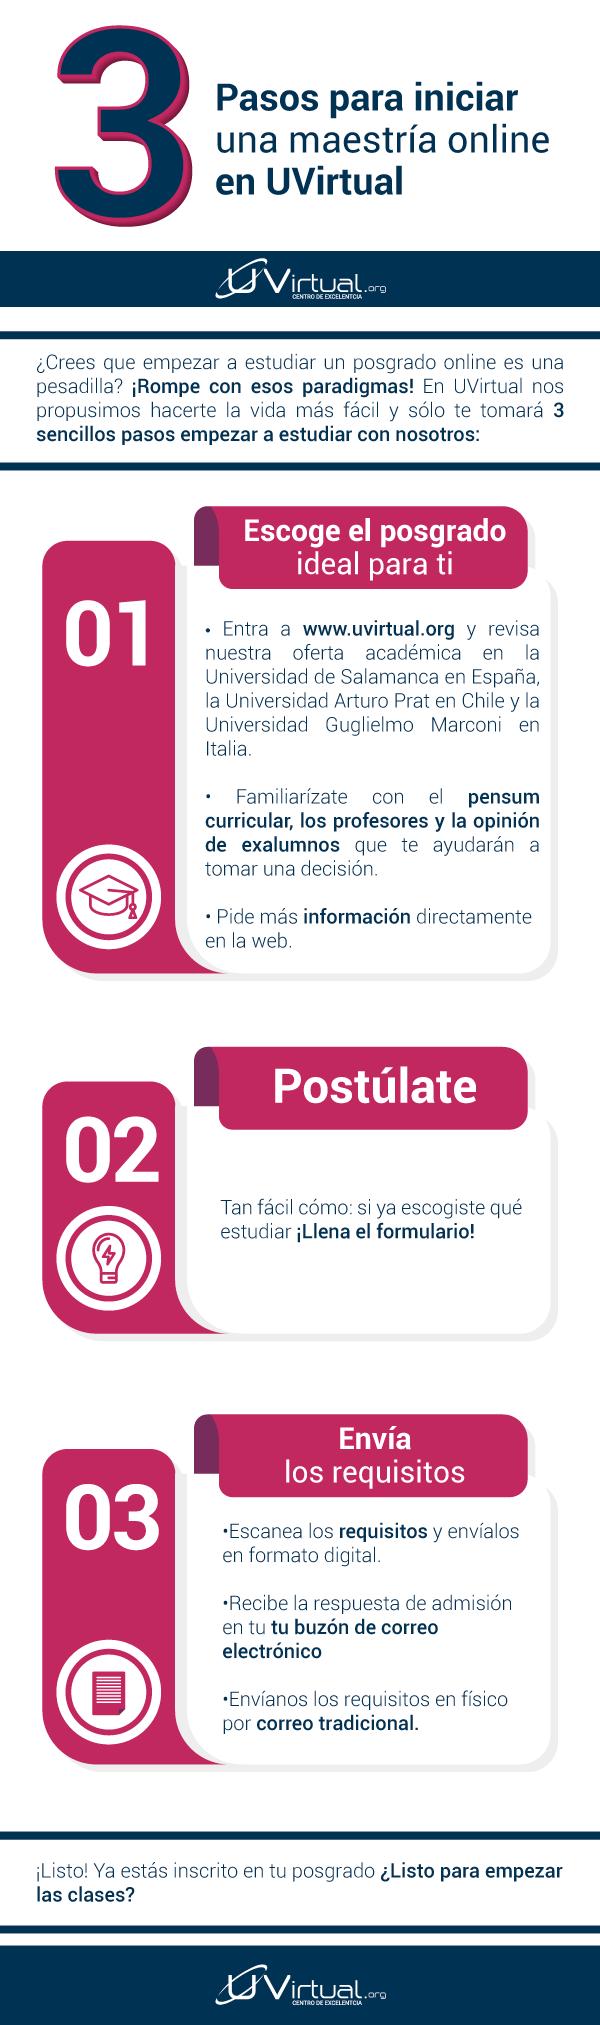 INFOGRAFIA-U-VIRTUAL-Tan fácil como seguir estos 3 pasos para estudiar una maestría online en UVirtual.png